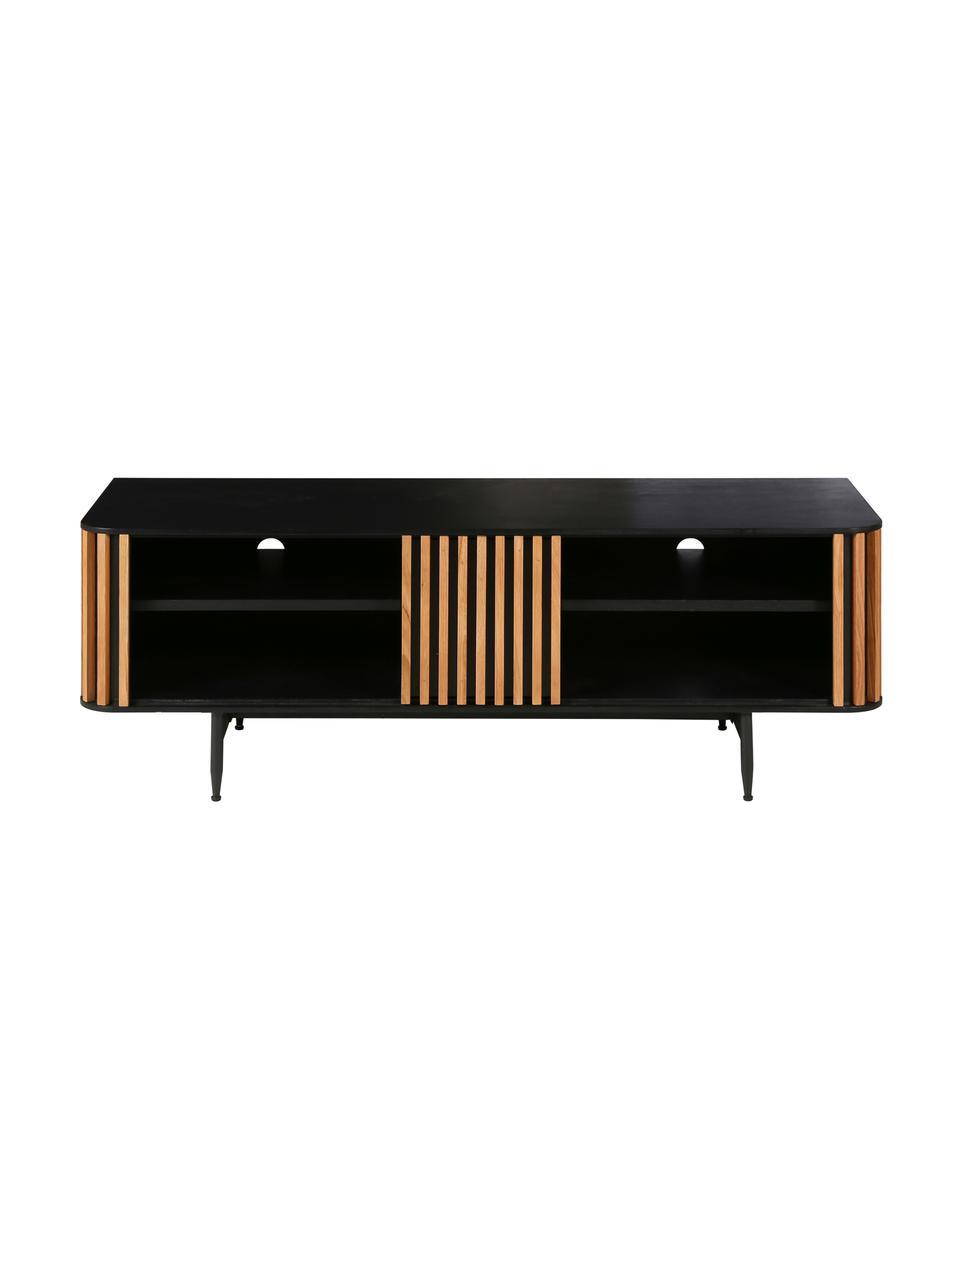 Design-TV-Konsole Linea mit Eichenholzfurnier, Korpus: Mitteldichte Holzfaserpla, Füße: Metall, lackiert, Schwarz, Eichenholz, 130 x 43 cm